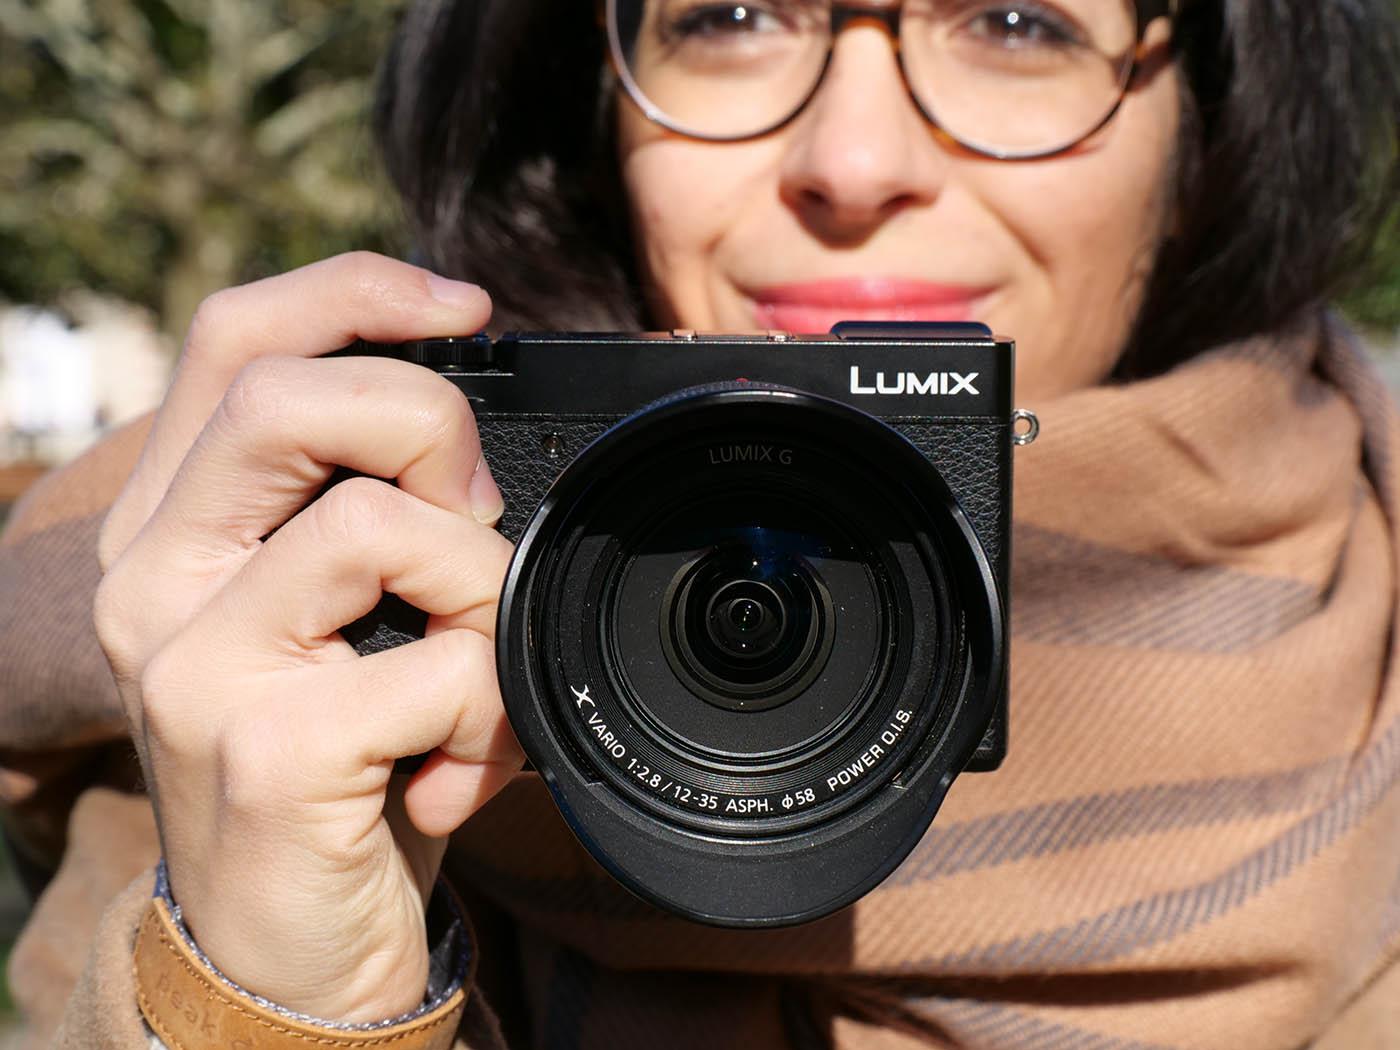 Lumix 12 35 f2.8 + Lumix GX9